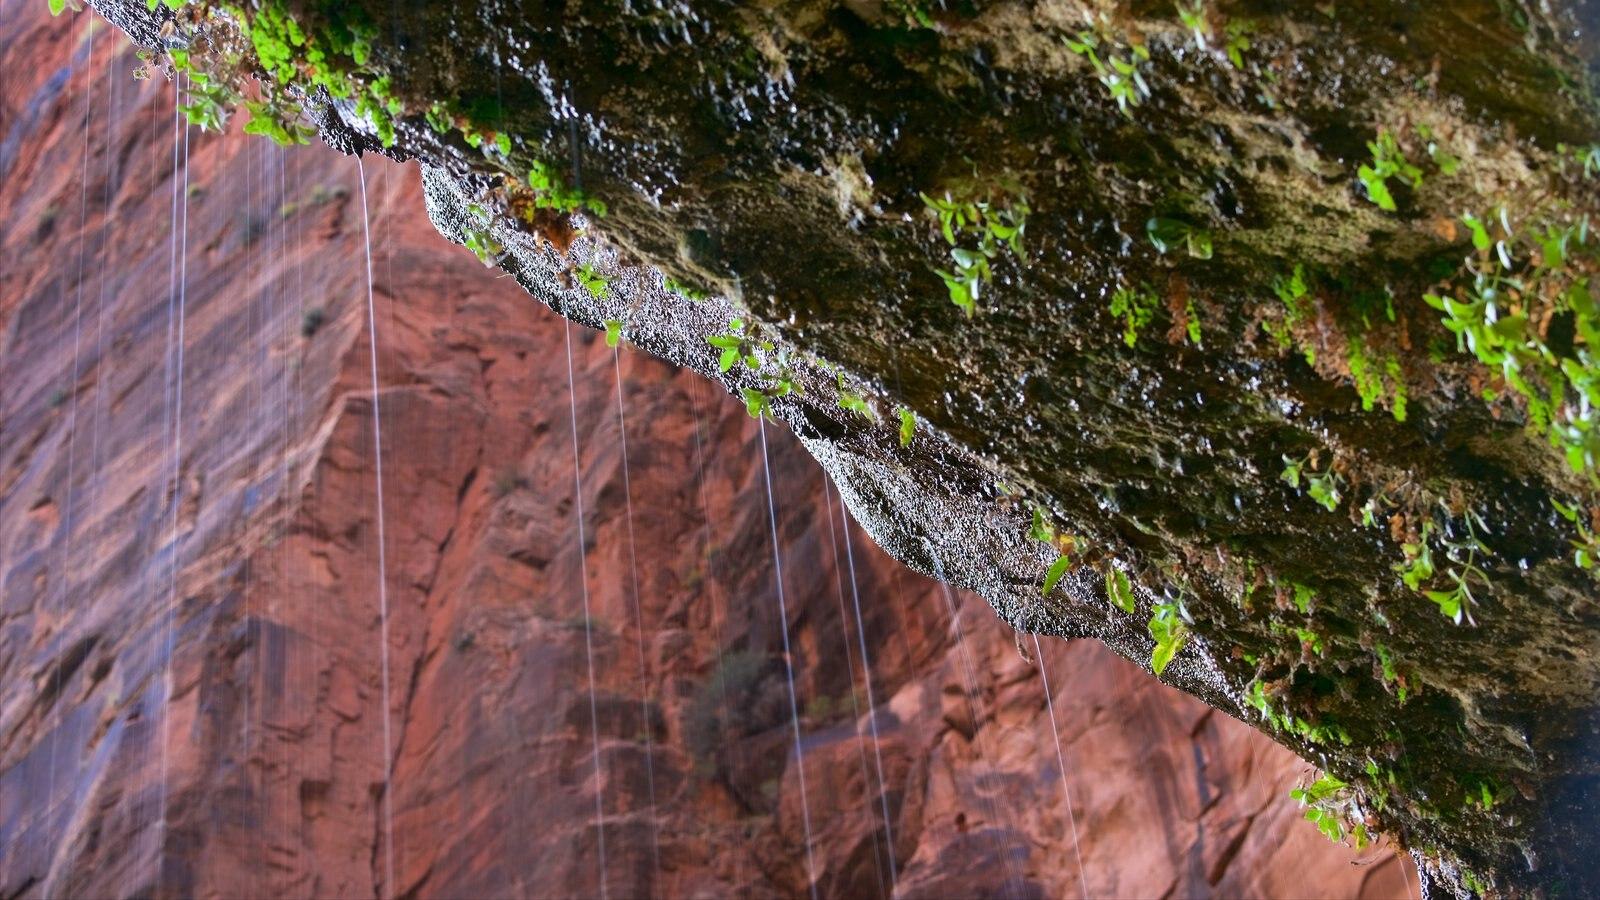 Parque Nacional Zion ofreciendo escenas tranquilas